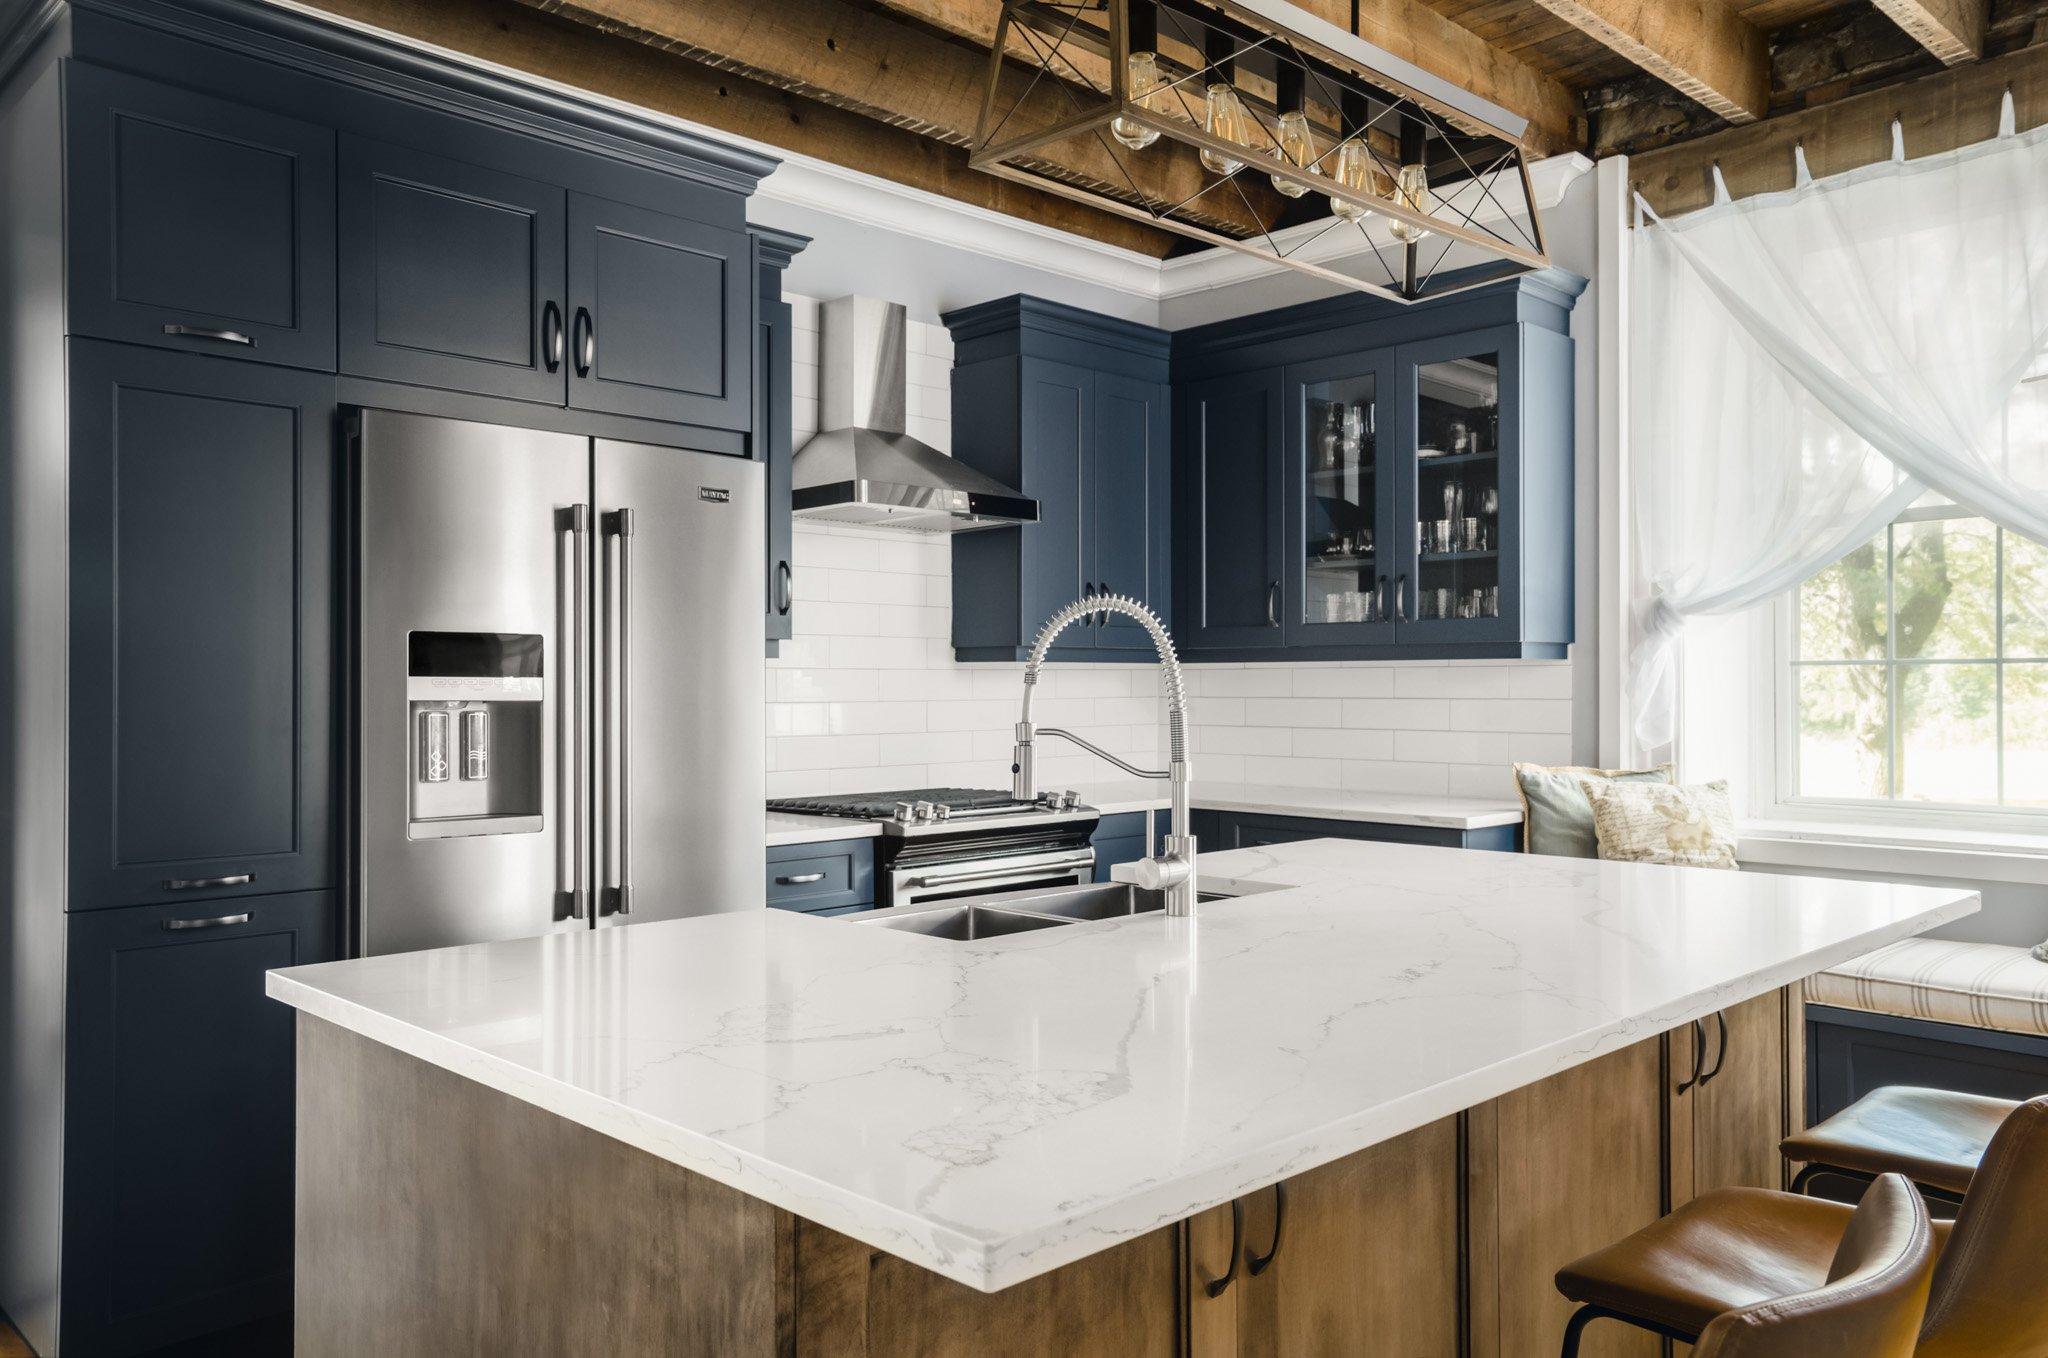 Farmhosue Kitchen Cabinets Burlington Oakville Ontario